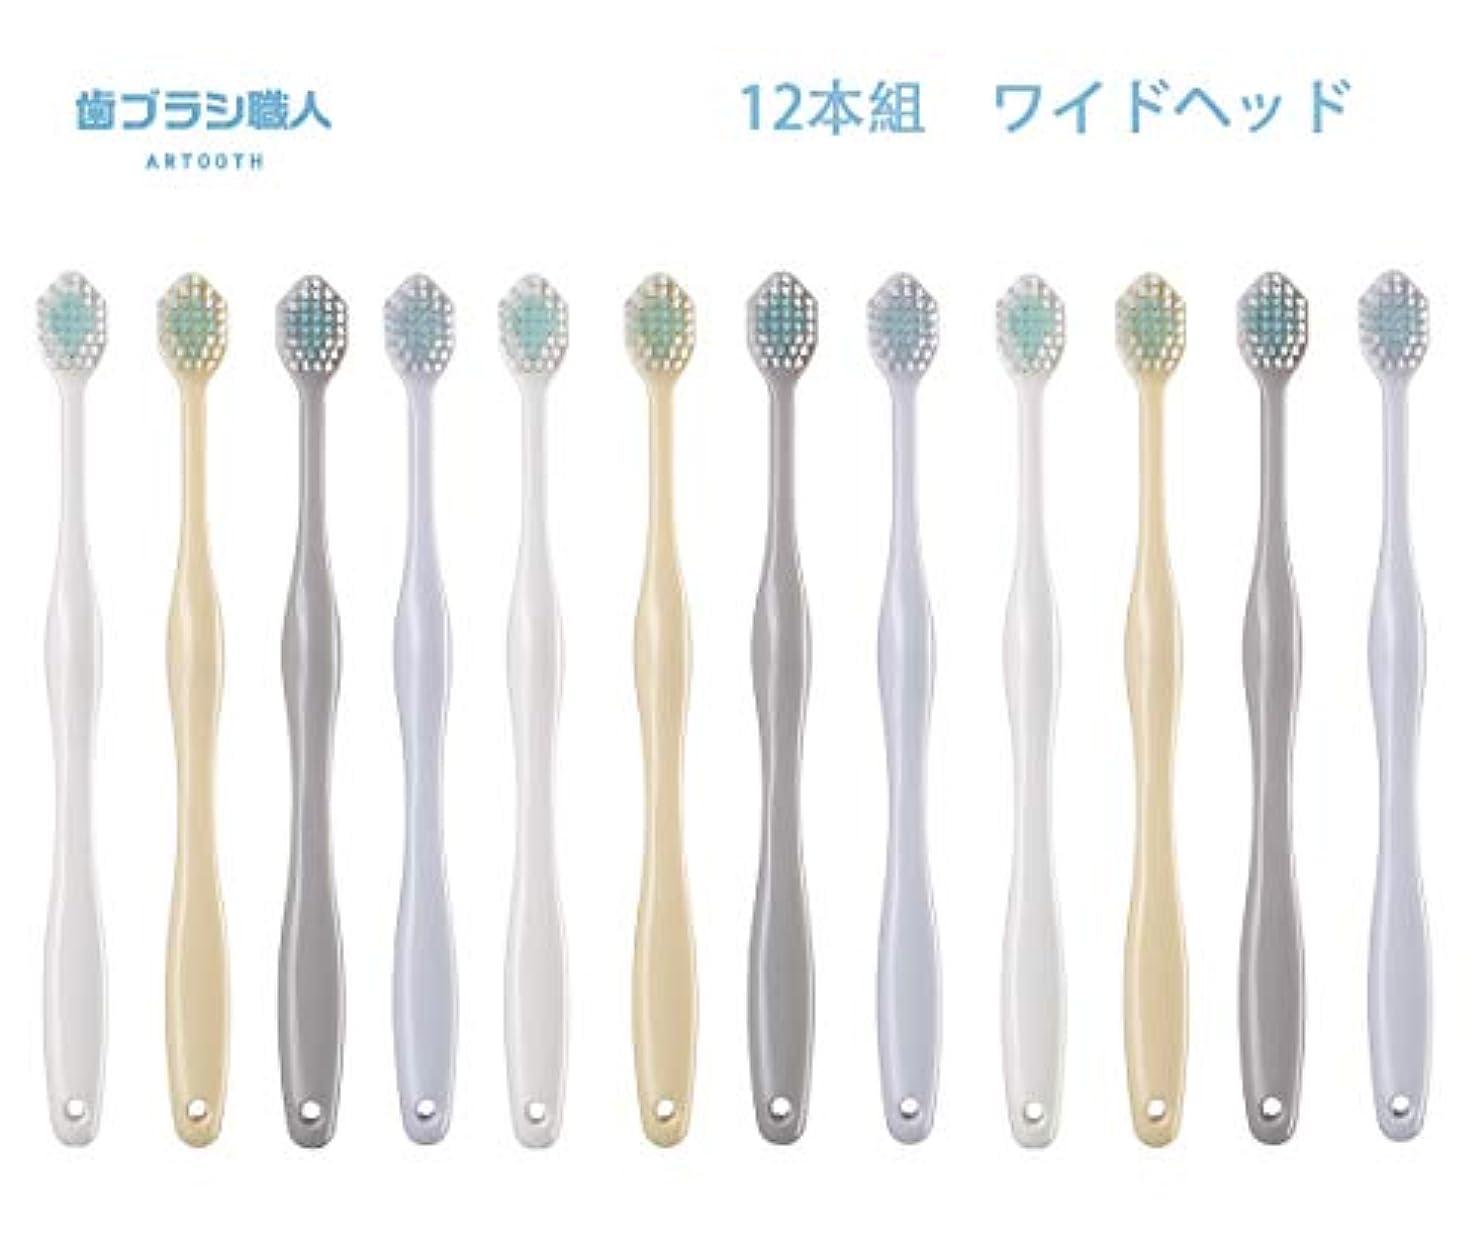 波一回休日に歯ブラシ職人Artooth ® 田辺重吉 磨きやすい歯ブラシ ワイド 6列レギュラー AT-30 (12本組)